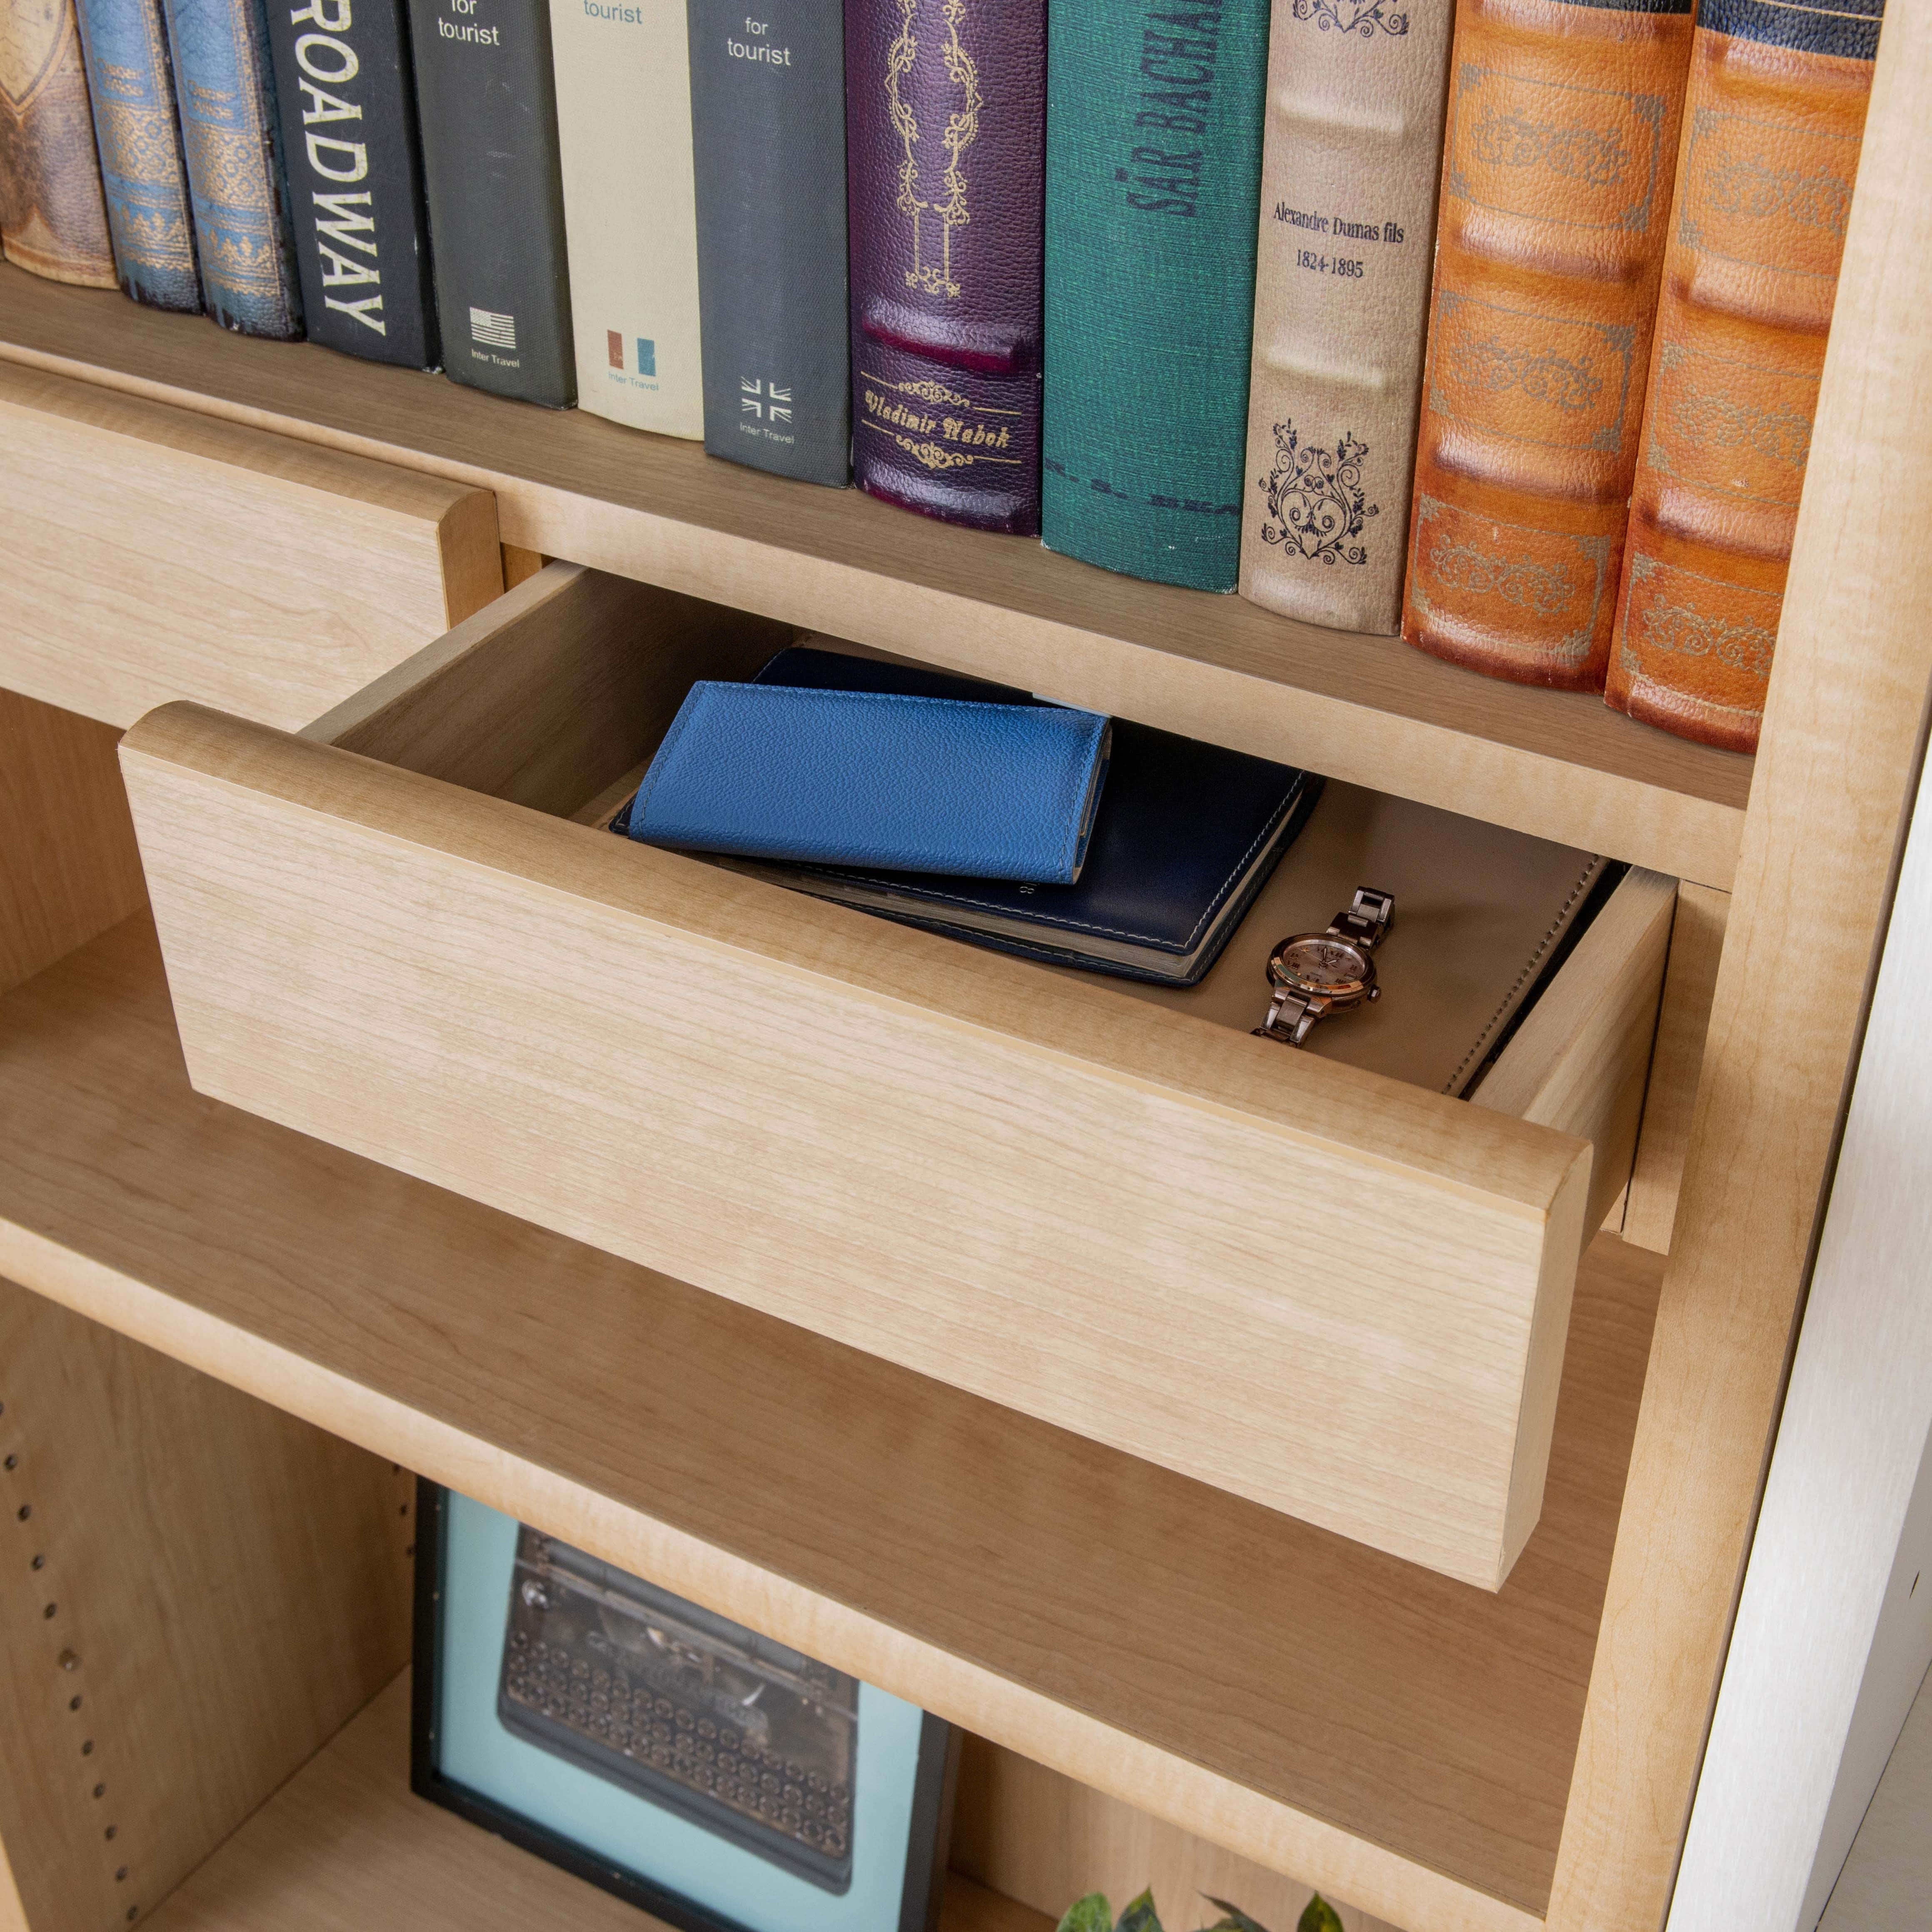 小島工芸 書棚 アコード75H(チェリーナチュラル):収納の幅を広げるオプション引き出し